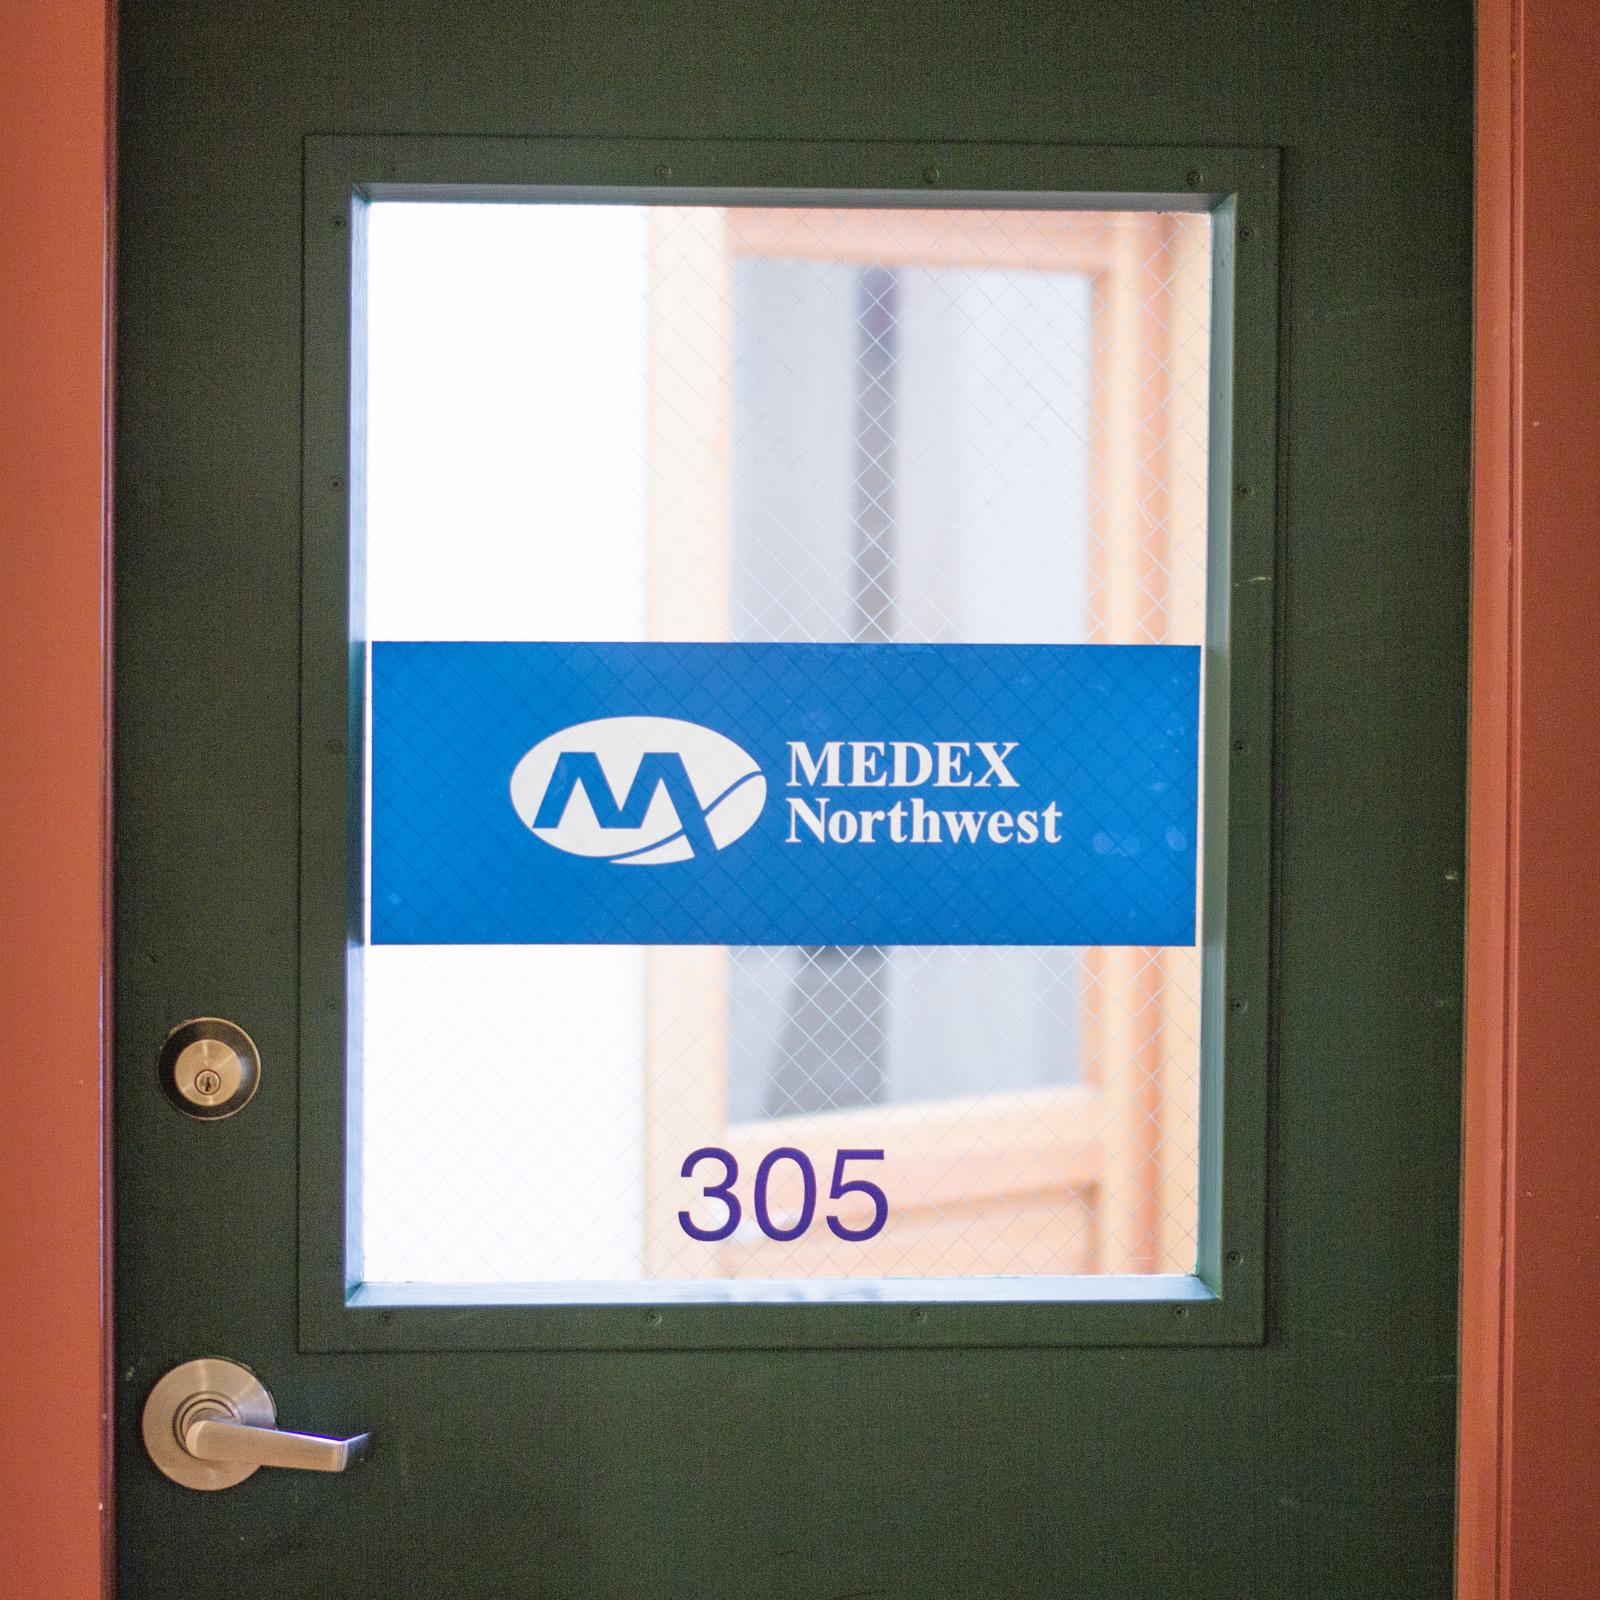 MEDEX Tacoma Campus Now Open | MEDEX Northwest